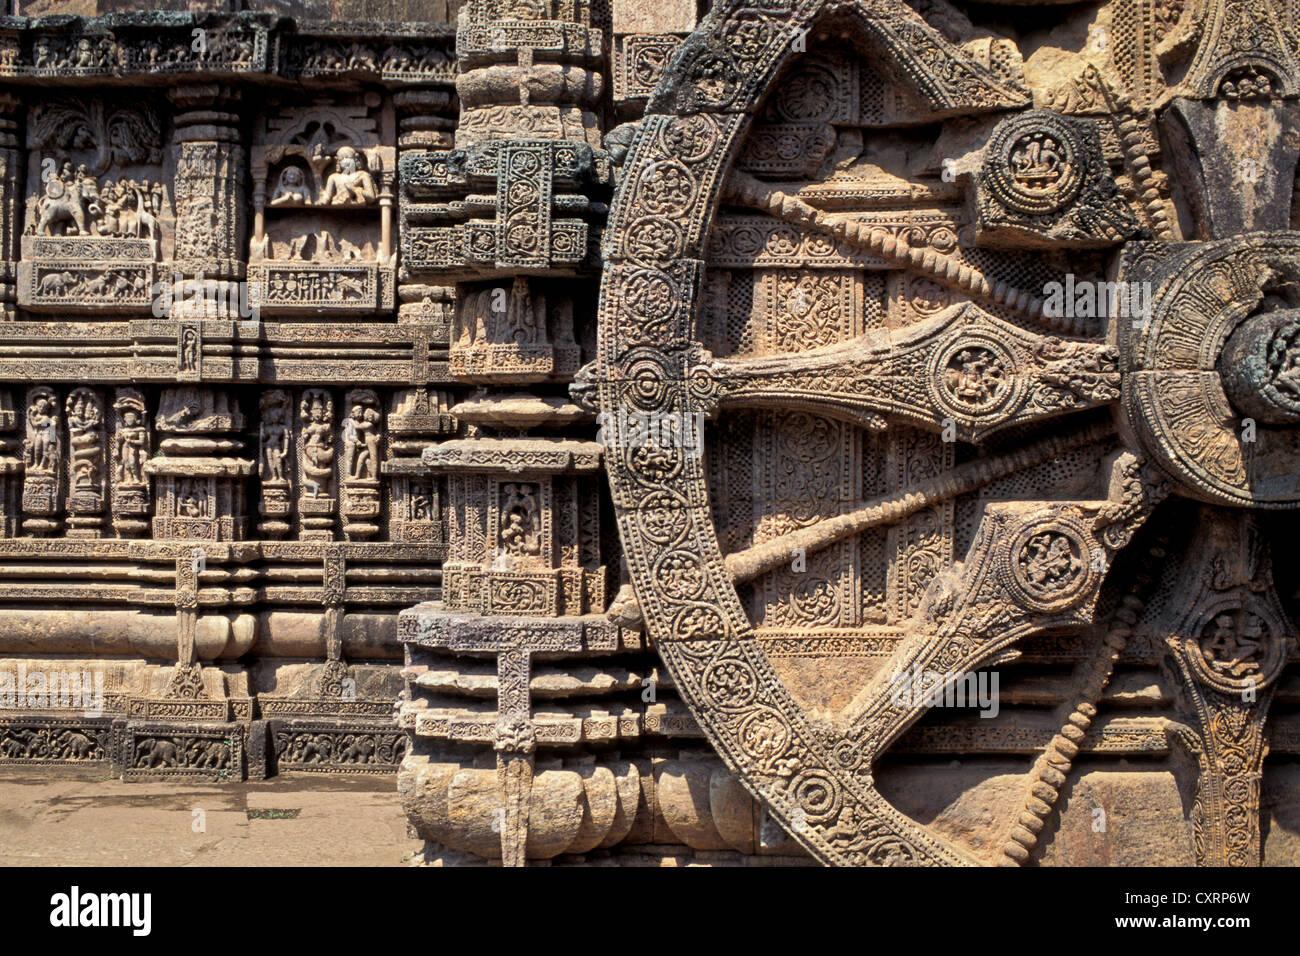 Ruota scolpito in pietra, carro del vedica del dio del sole Surya, Surya Tempio o Tempio del Sole ,, Patrimonio Immagini Stock